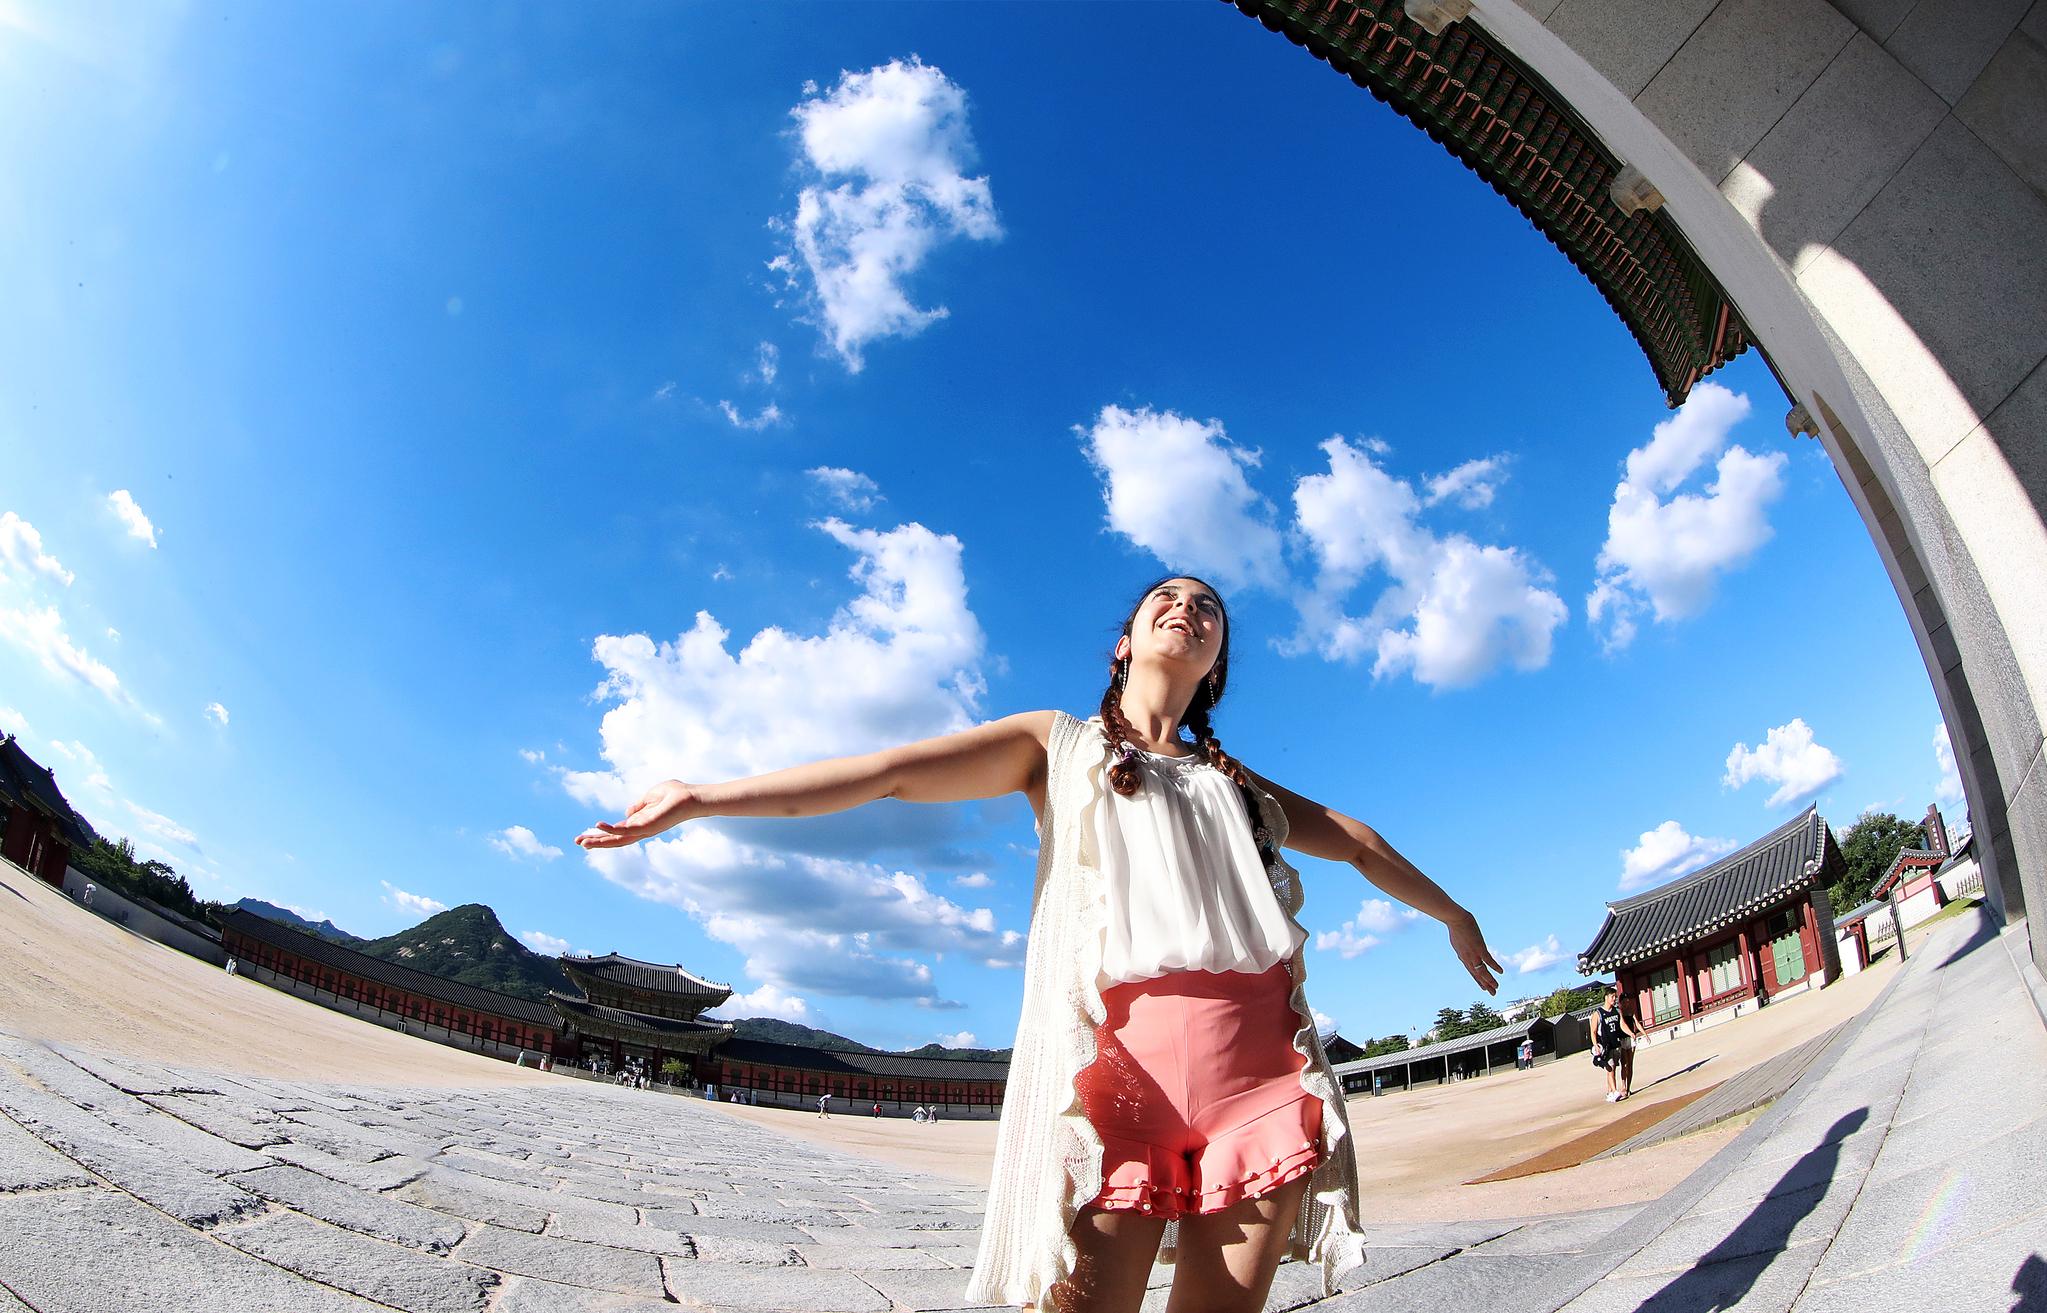 30일 경복궁을 찾은 관광객이 하늘을 배경을 기념사진을 찍고 있다. 우상조 기자